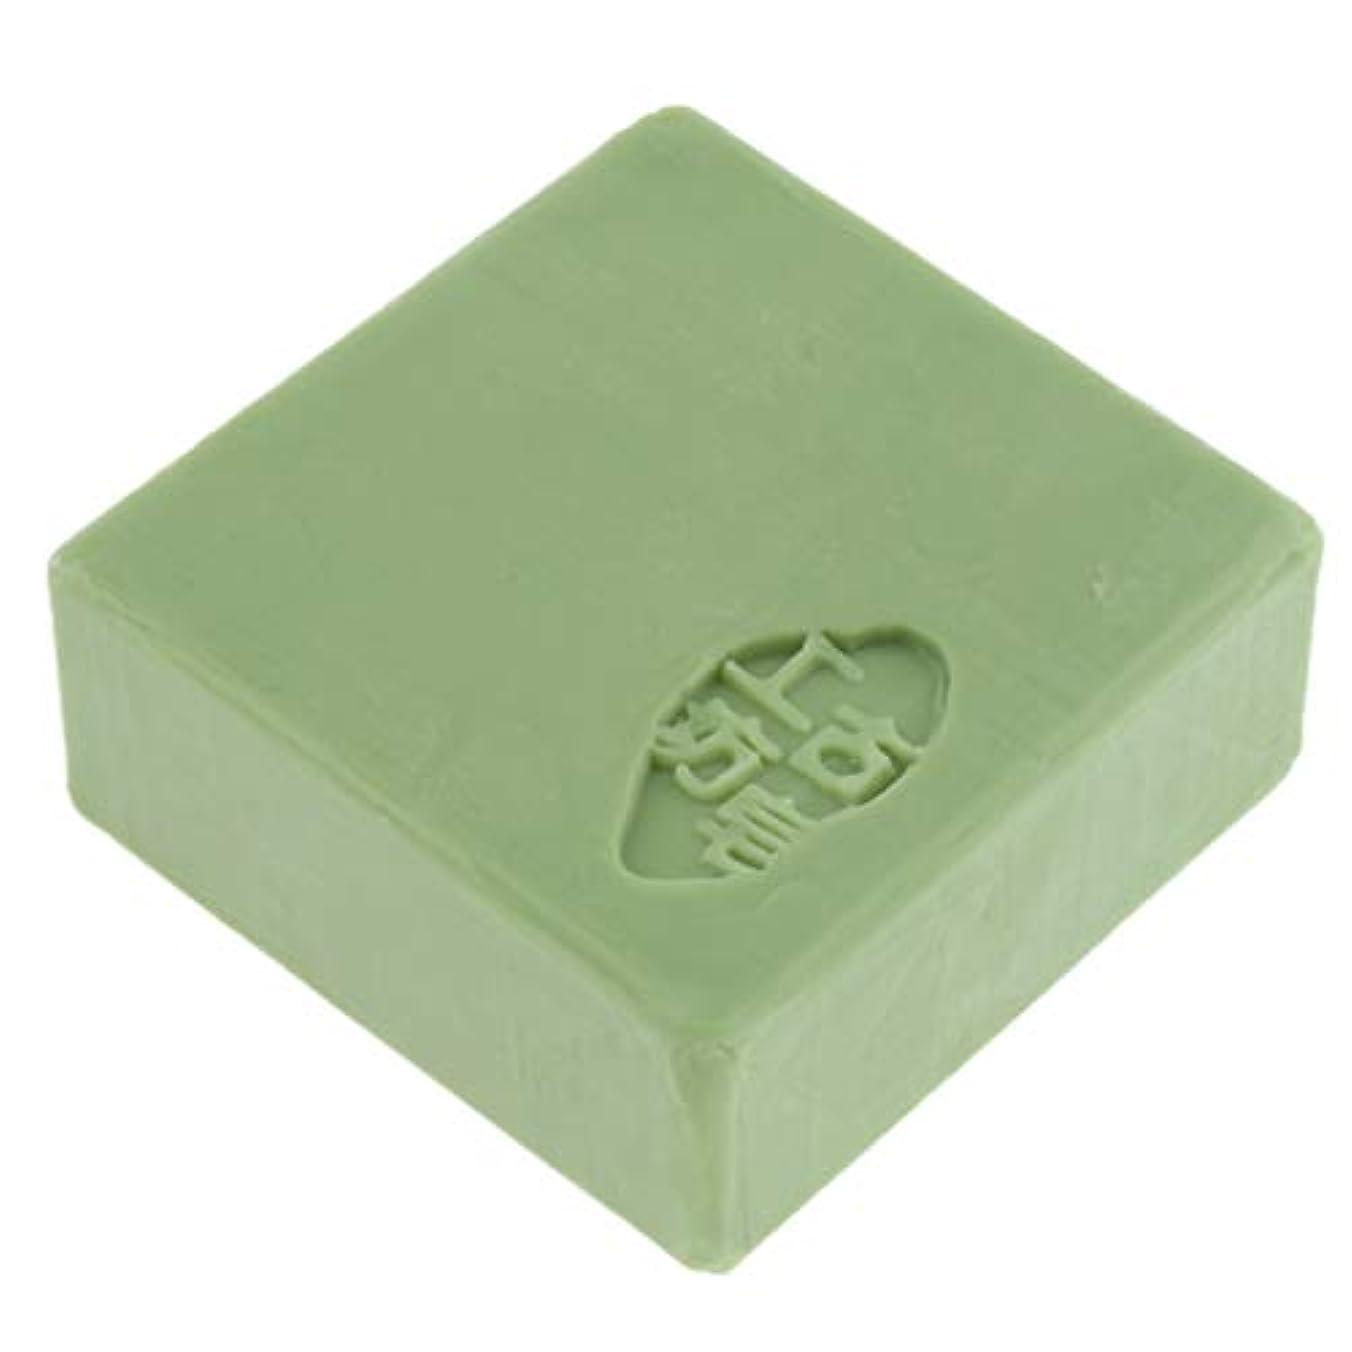 かわいらしい作るクラックポット全3色 バス スキンケア フェイス ボディソープ 石鹸 保湿 肌守り - 緑